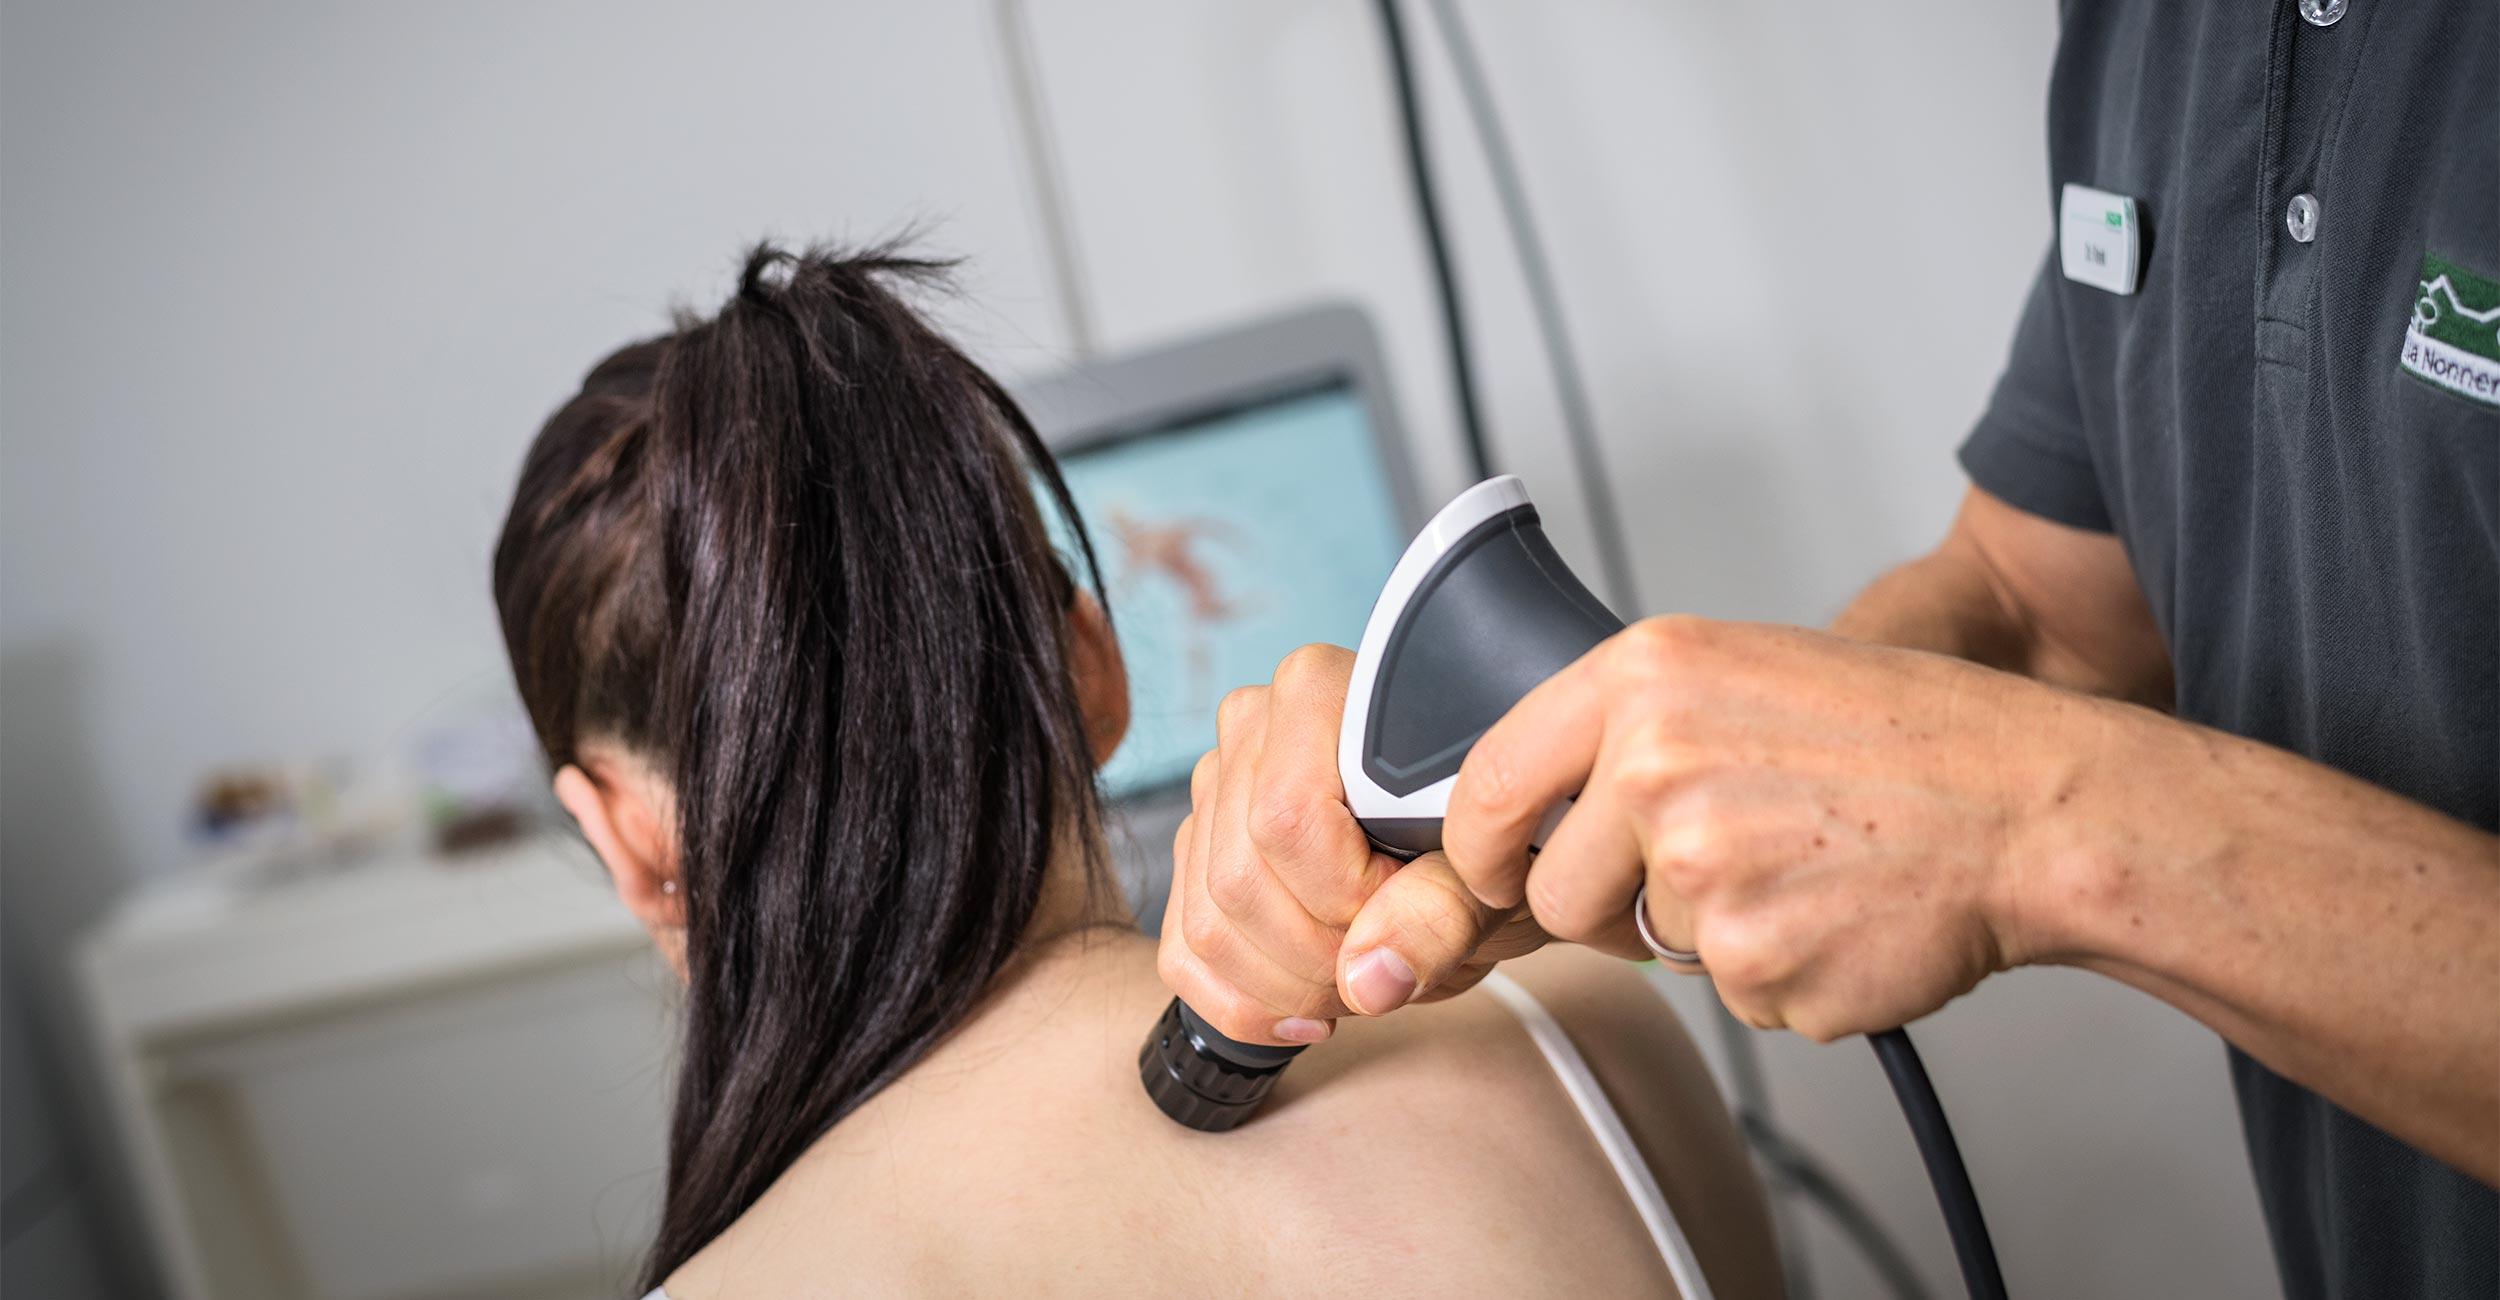 Fokussierte Stoßwellentherapie zur Schmerzreduzierung